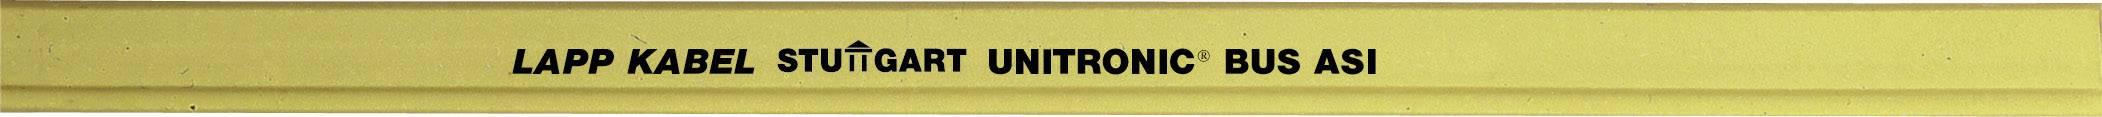 Sběrnicový kabel LAPP UNITRONIC® BUS 2170842, žlutá, 100 m